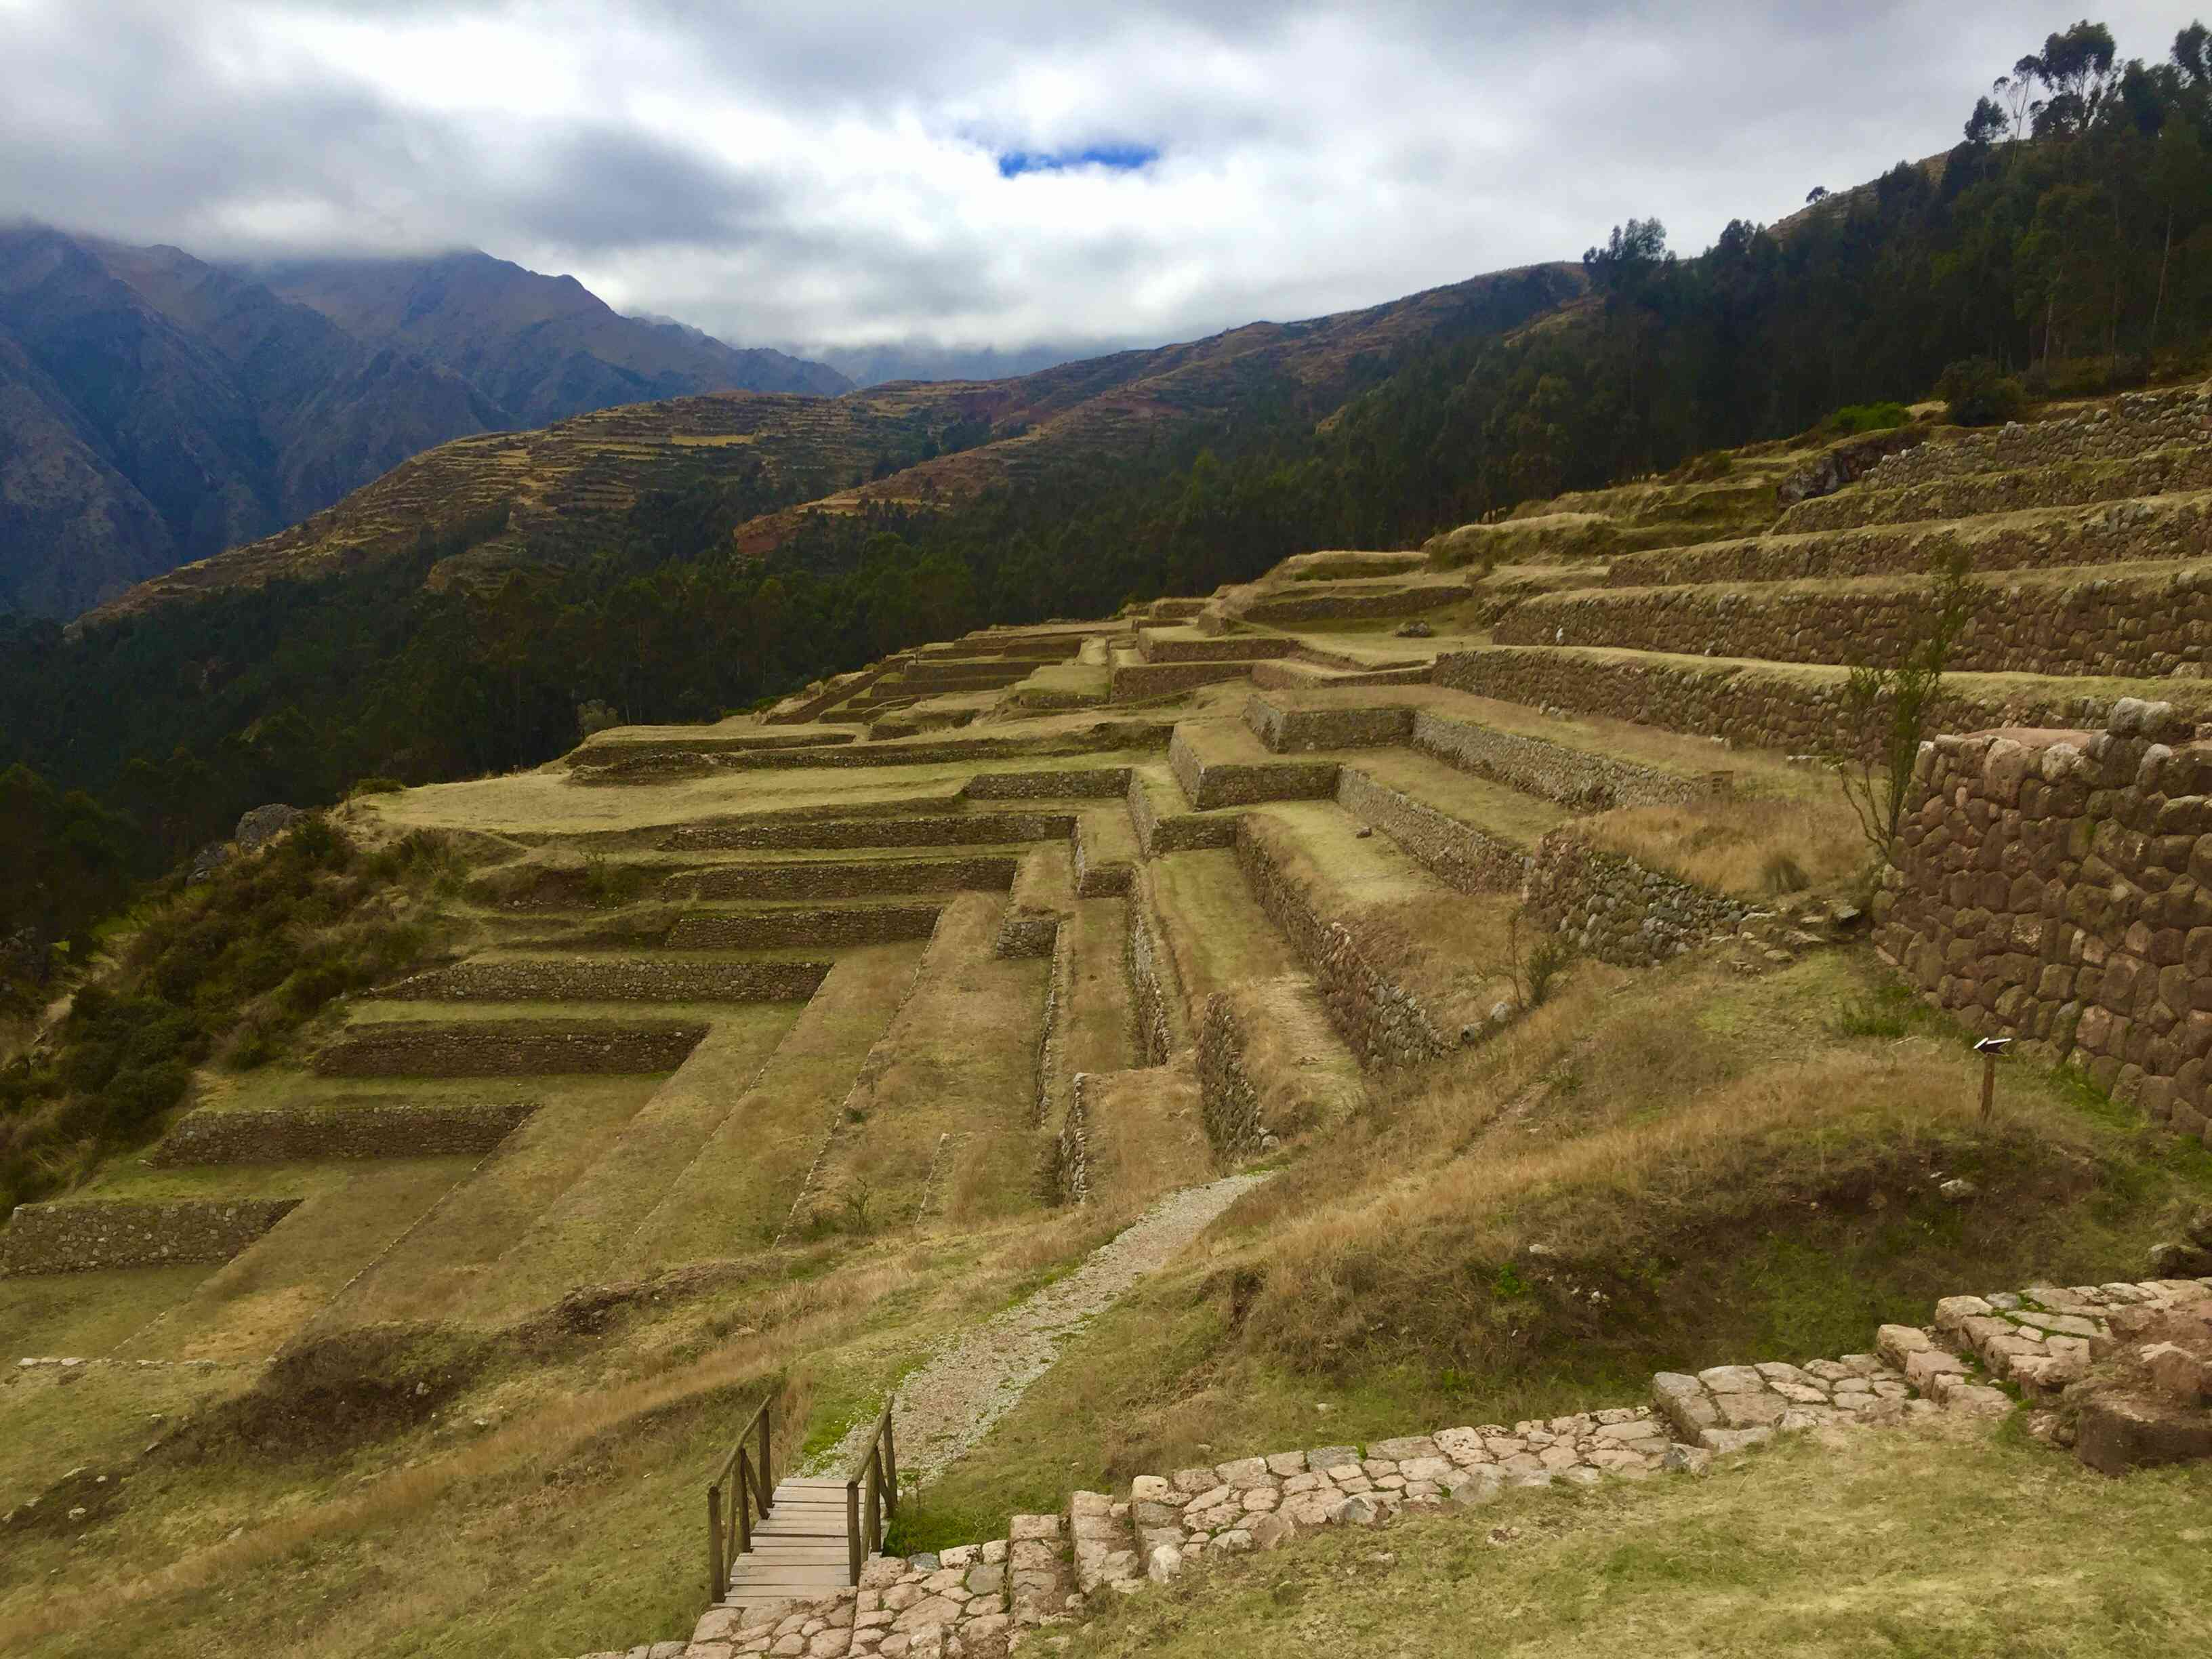 Pasos incas